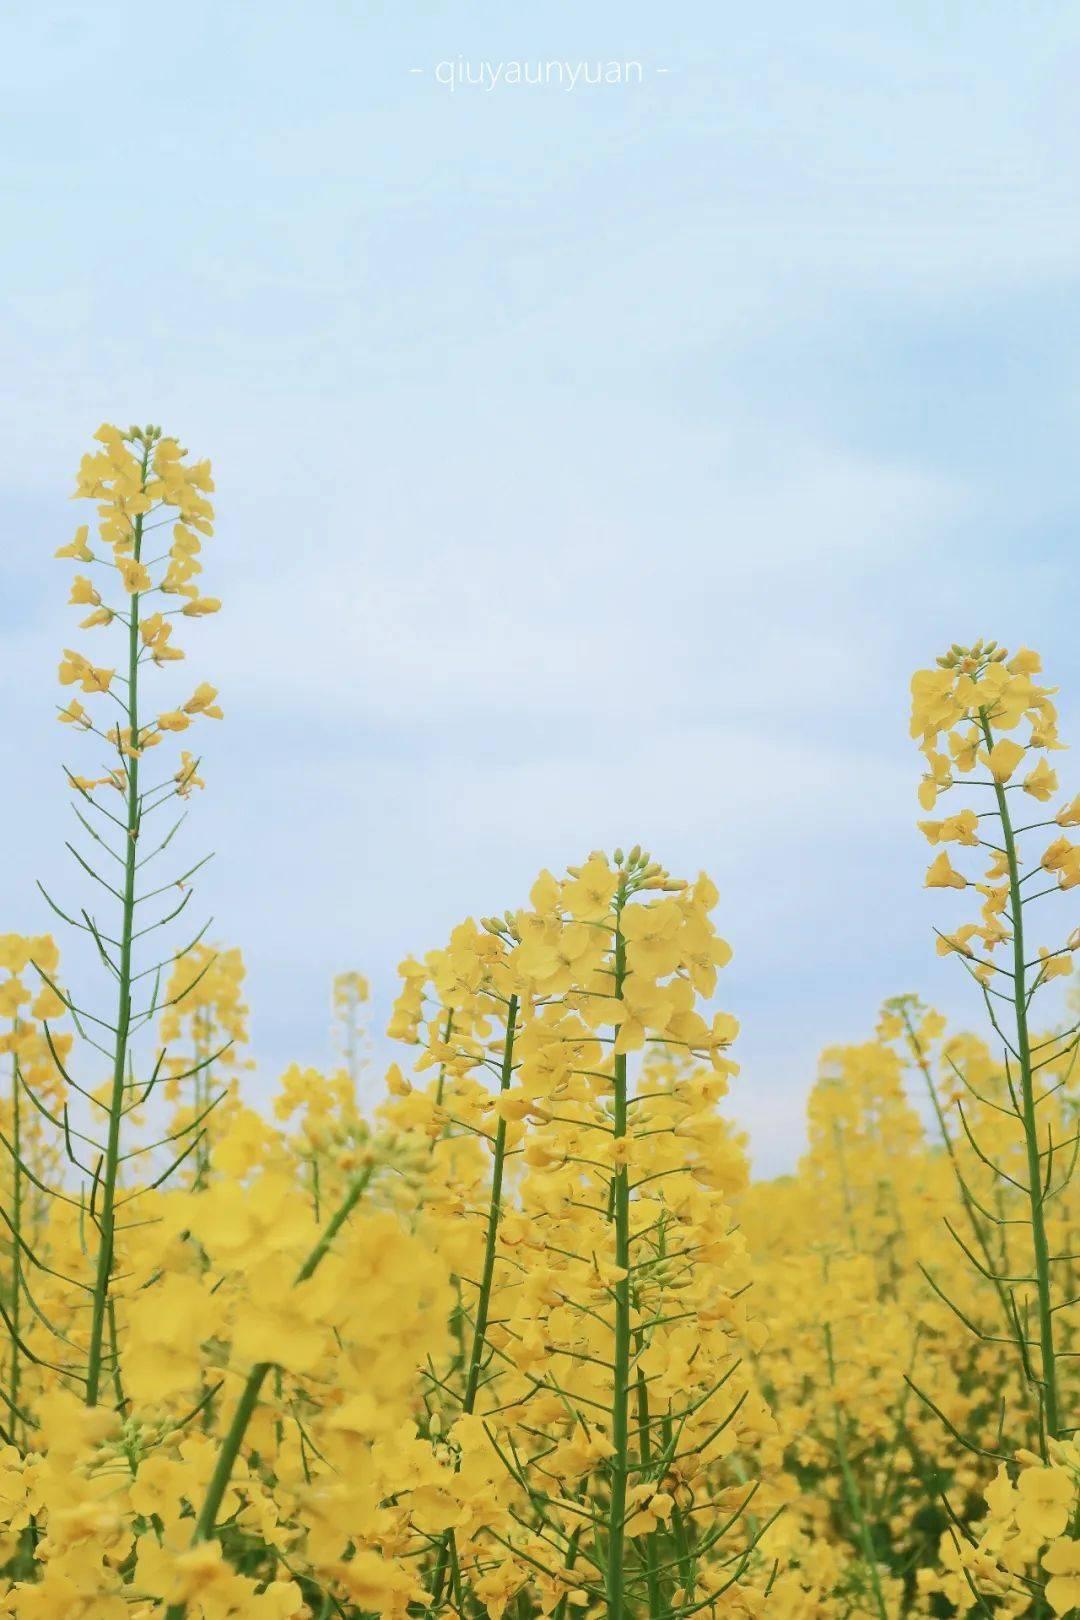 成都3月『看花攻略』,海棠、早樱、油菜花都开好了!